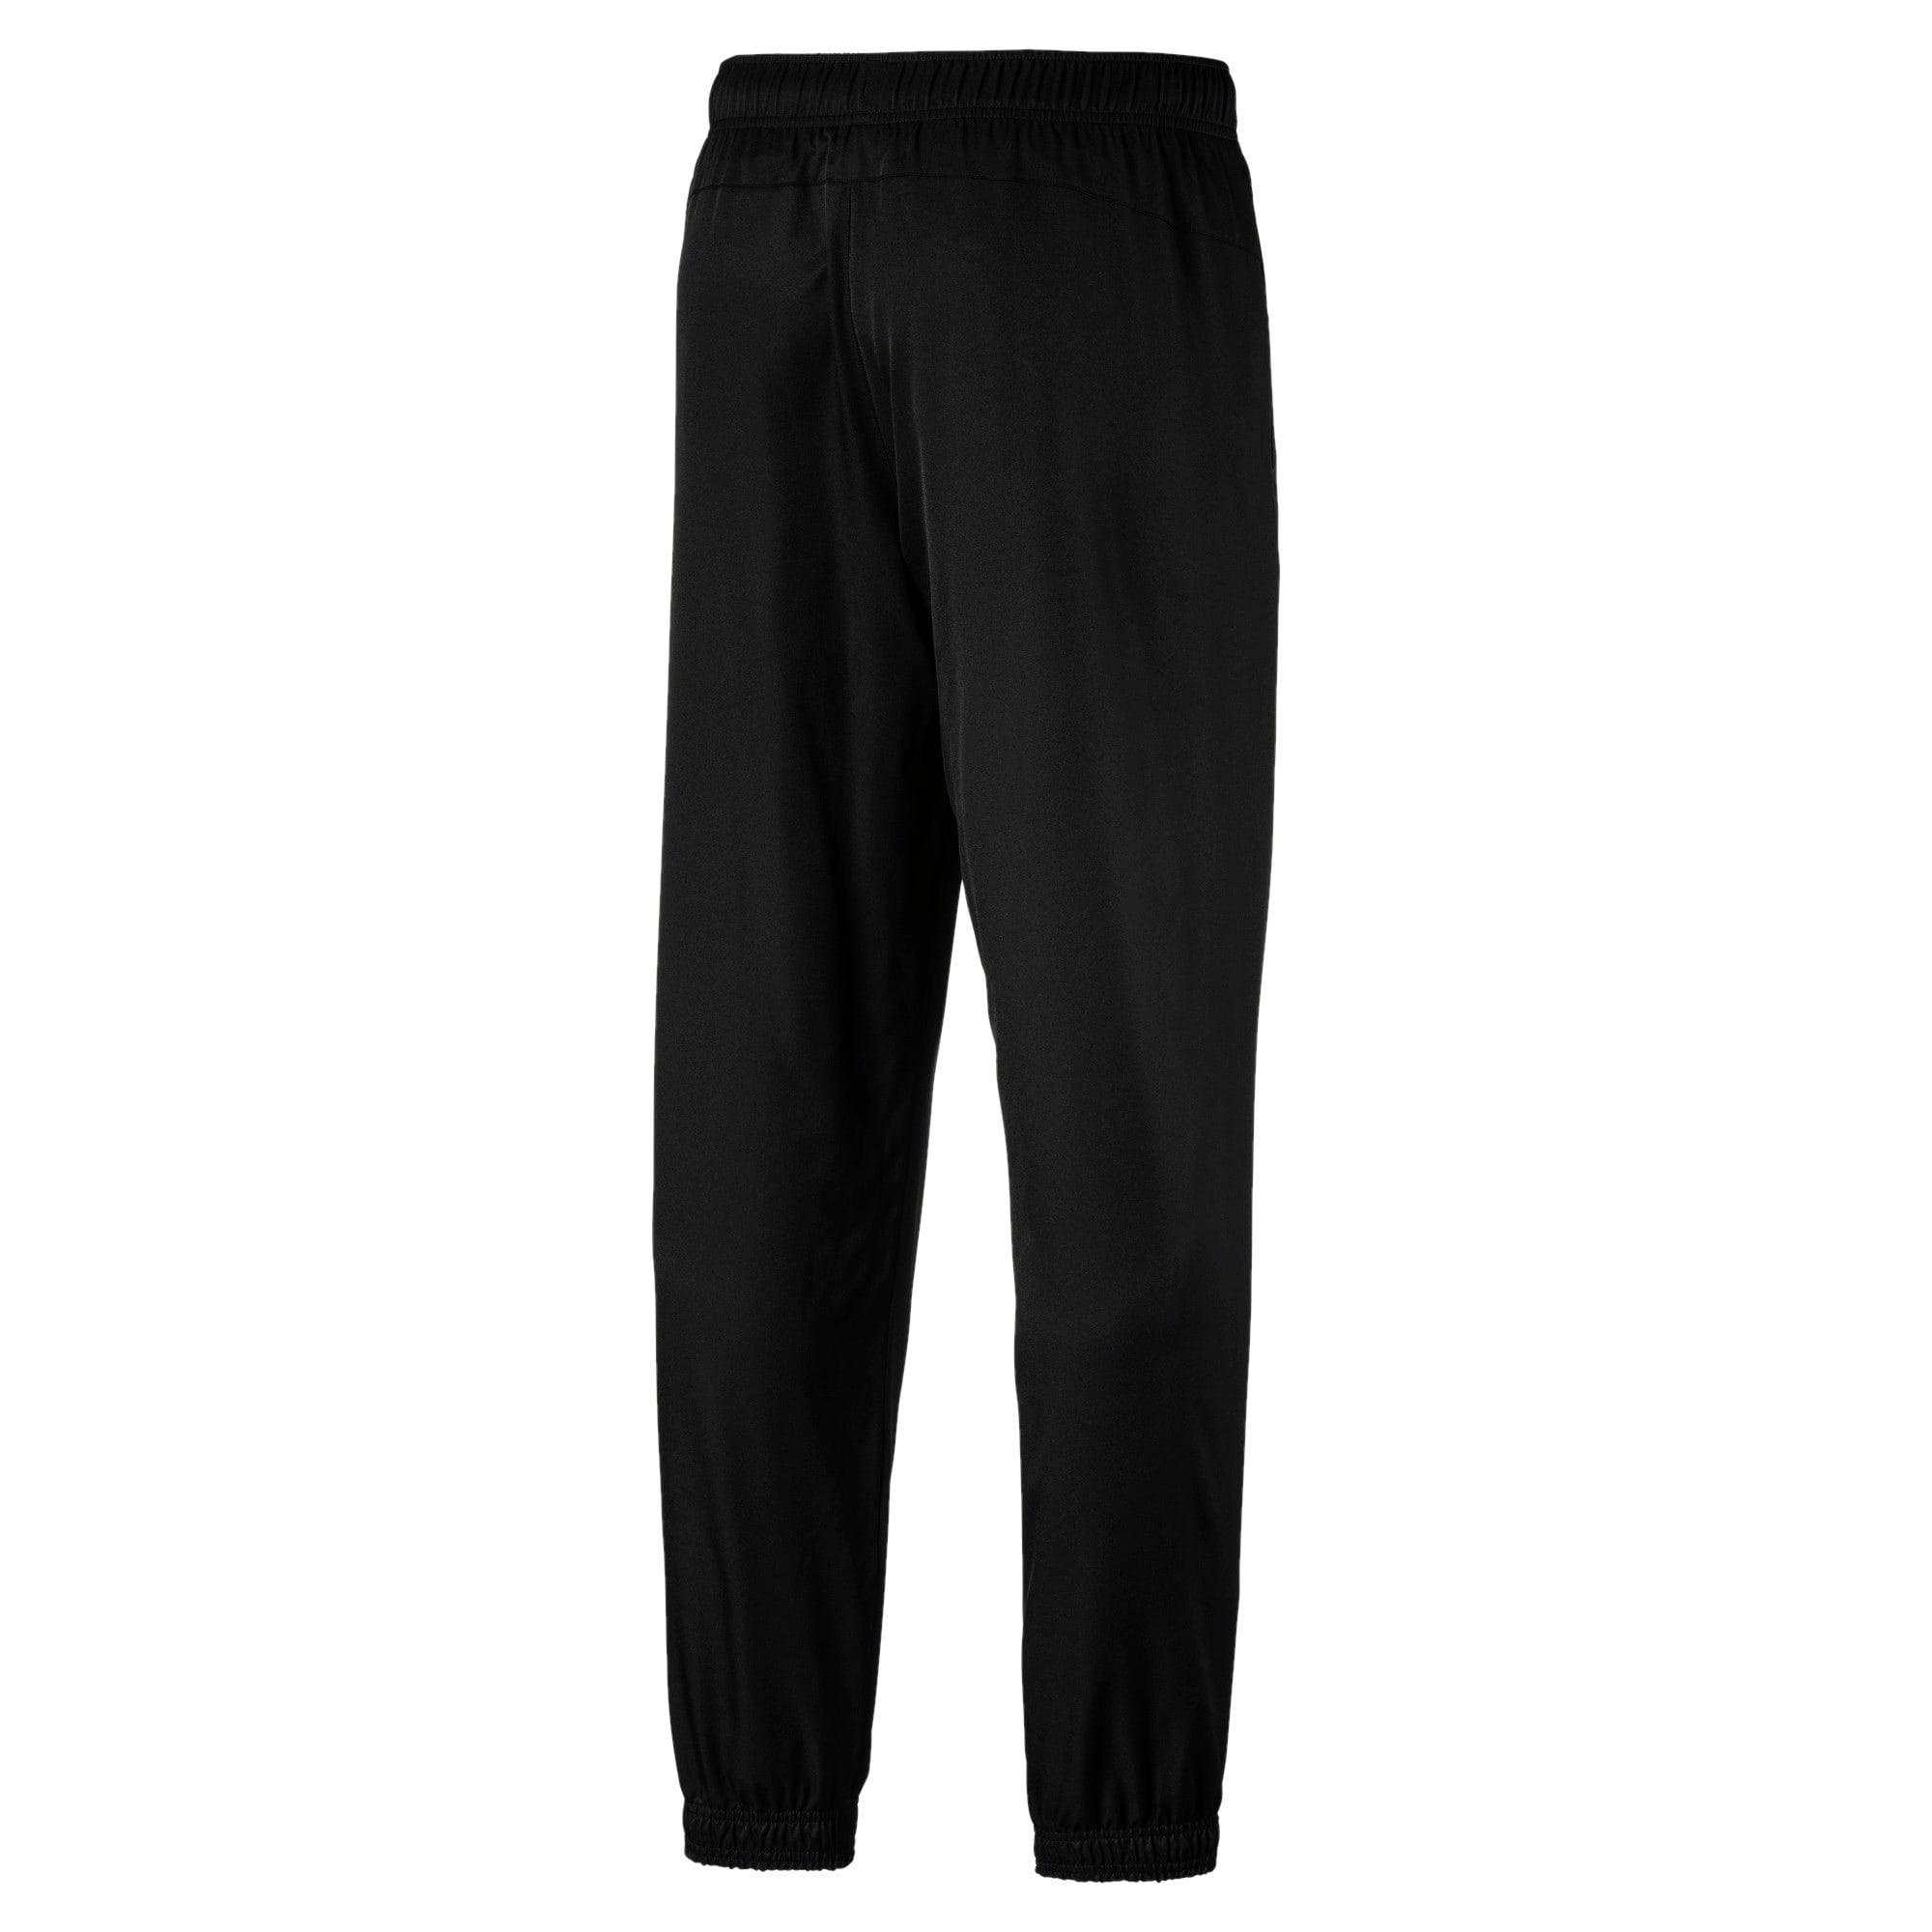 Thumbnail 2 of Active Woven Men's Sweatpants, Puma Black, medium